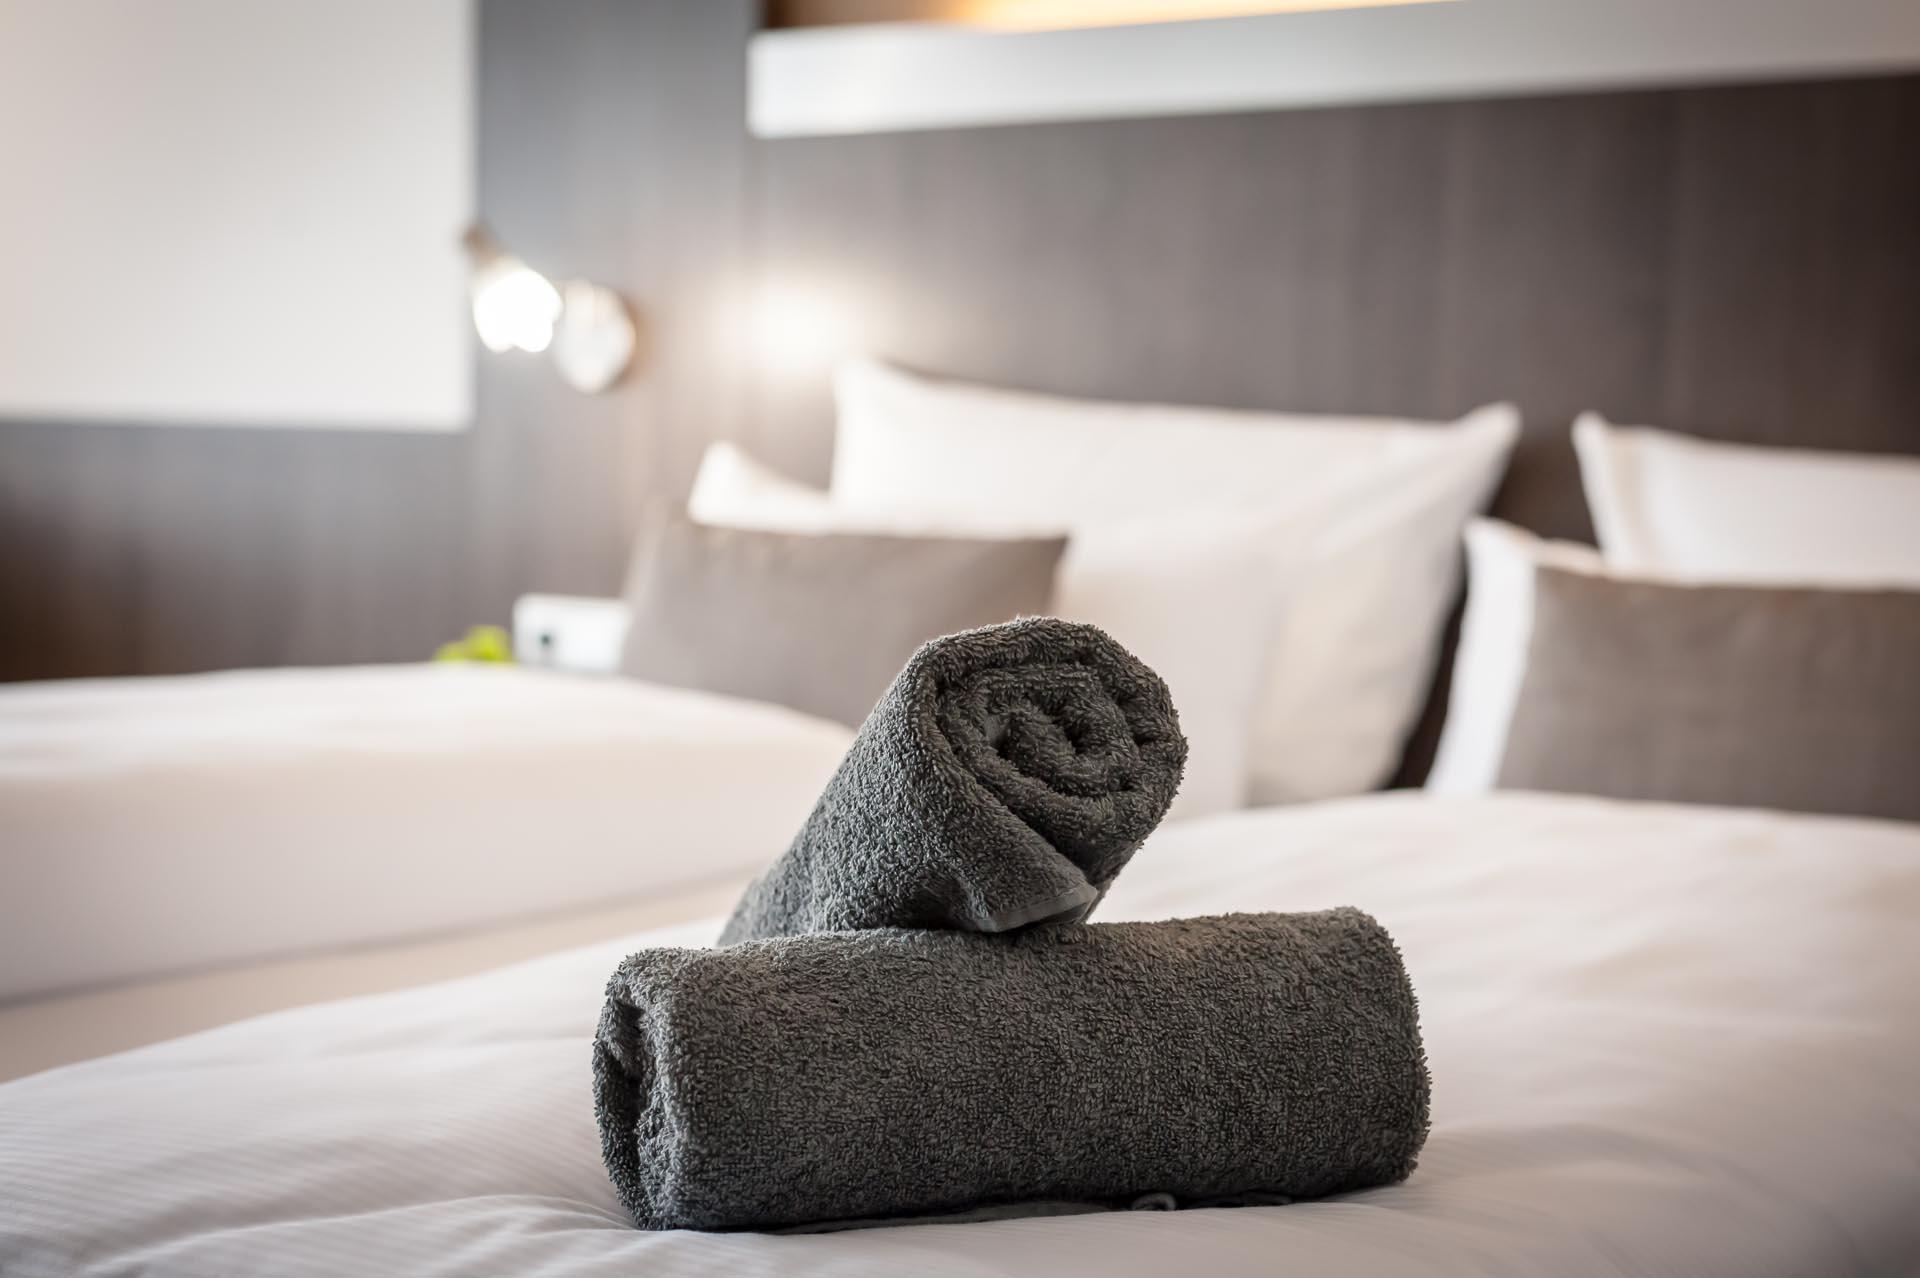 Room detail at Hotel Frankenland in Bad Kissingen, Germany